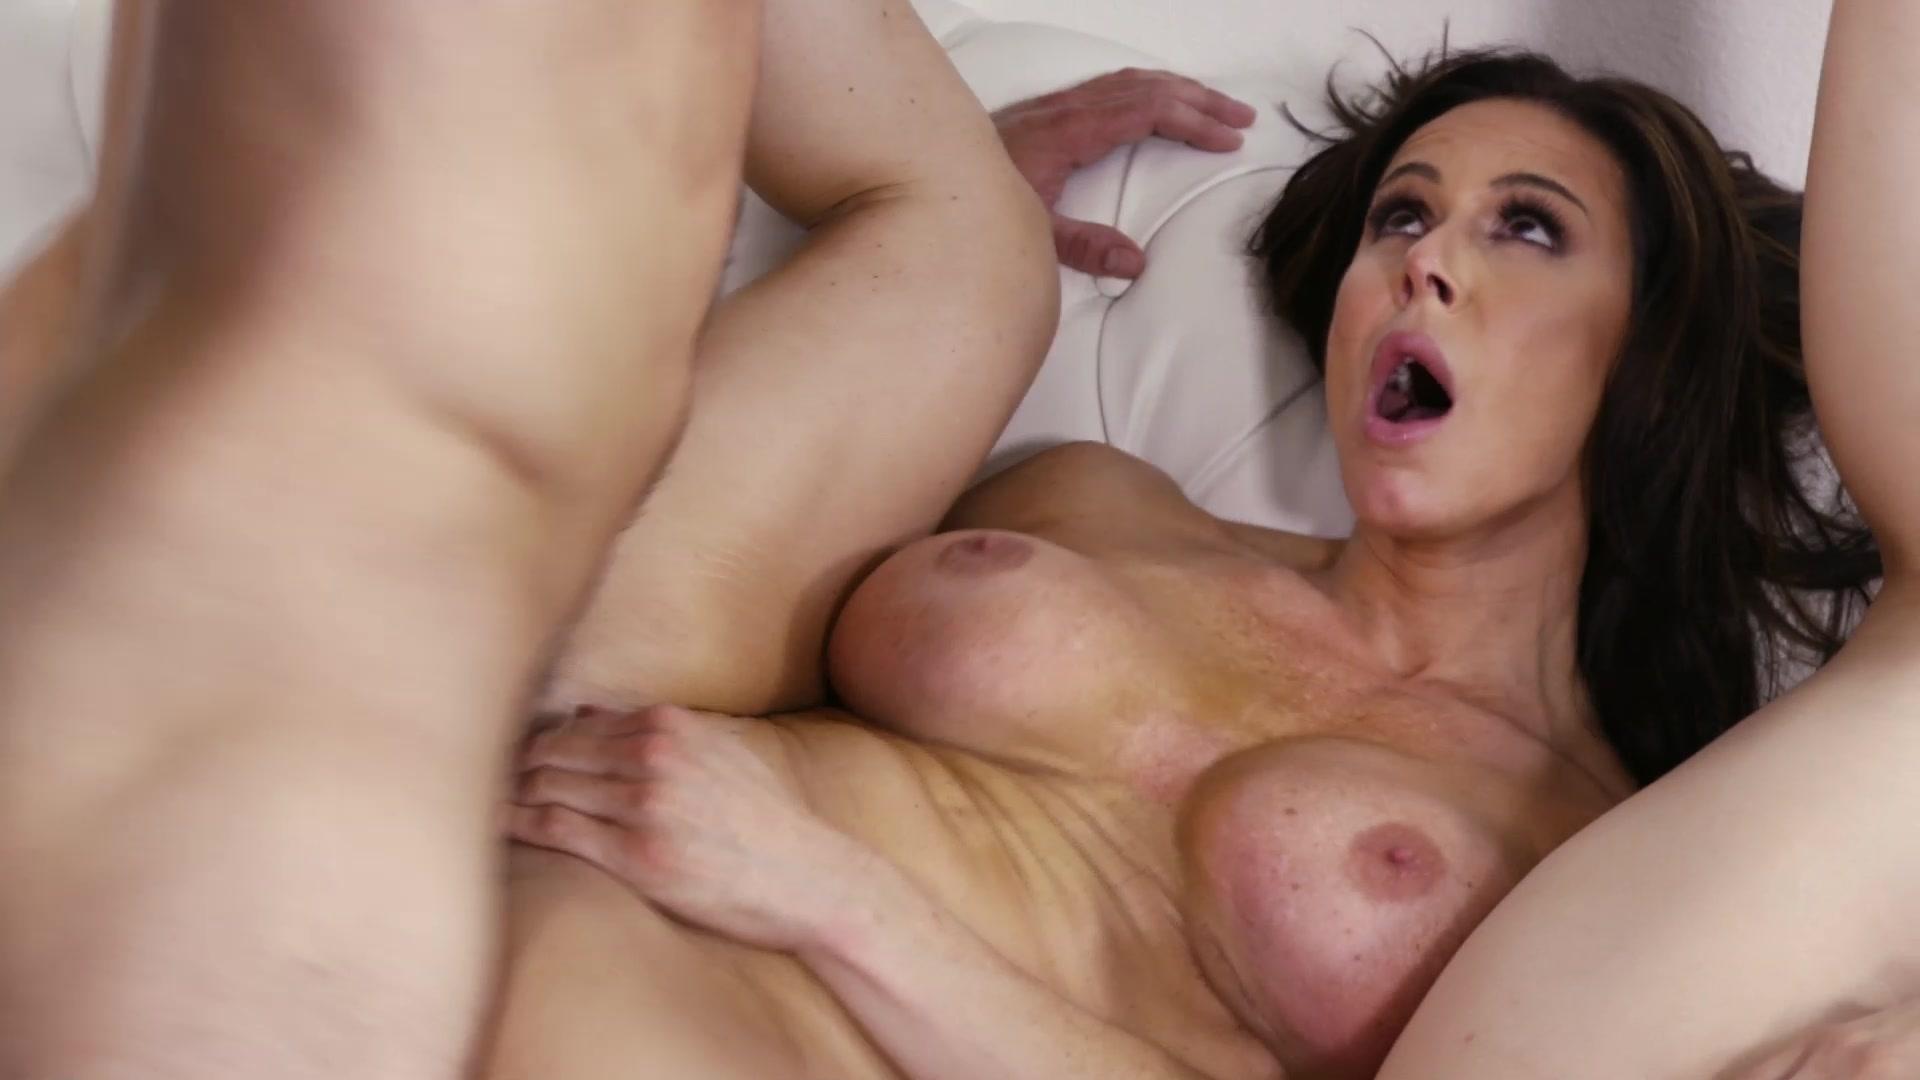 Kendra lust porn mom hd